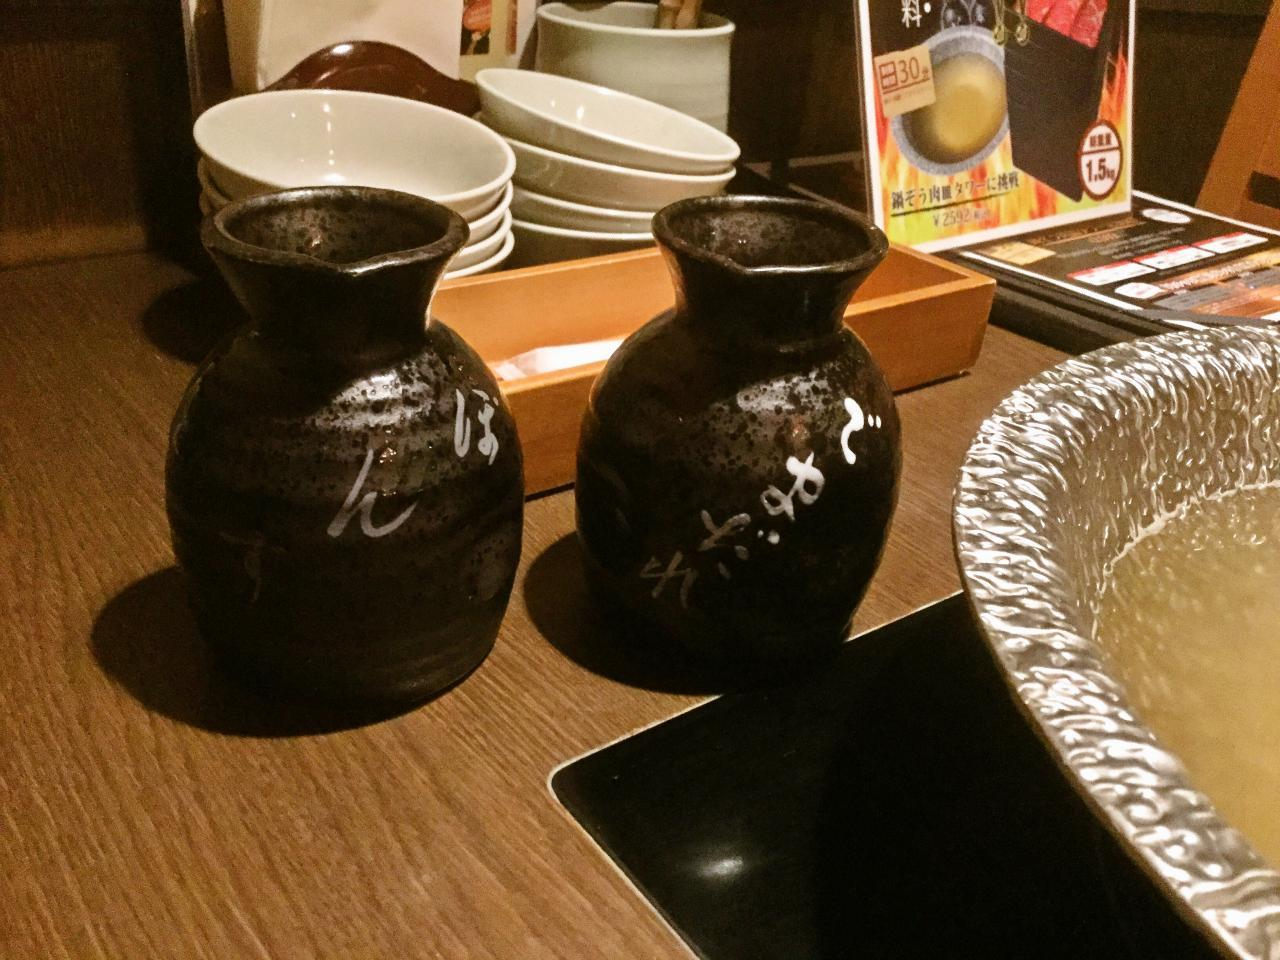 鍋ぞう 川崎 ラ チッタデッラ店(鍋ぞう肉皿タワーに挑戦)